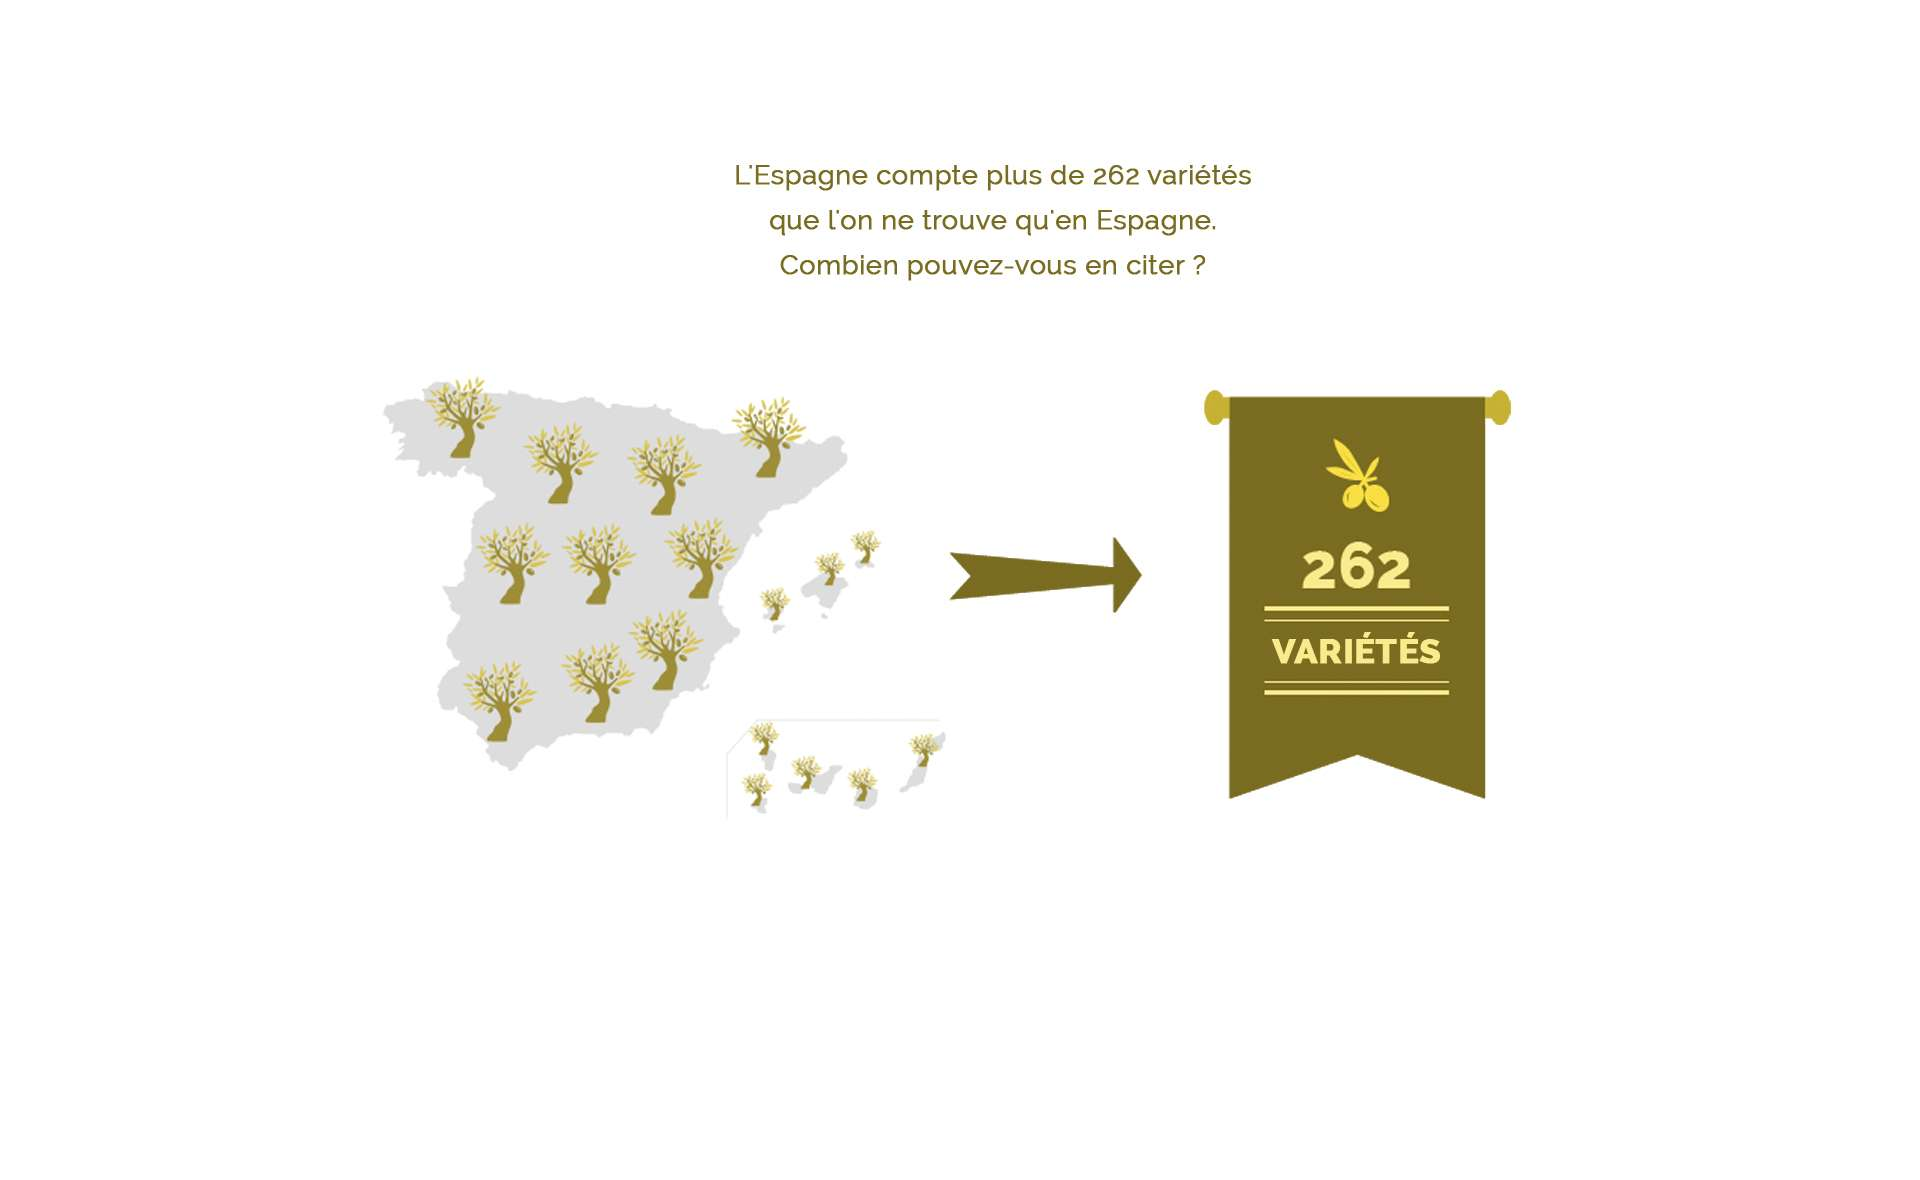 262 variétés d'huile d'olive cultivées en Espagne